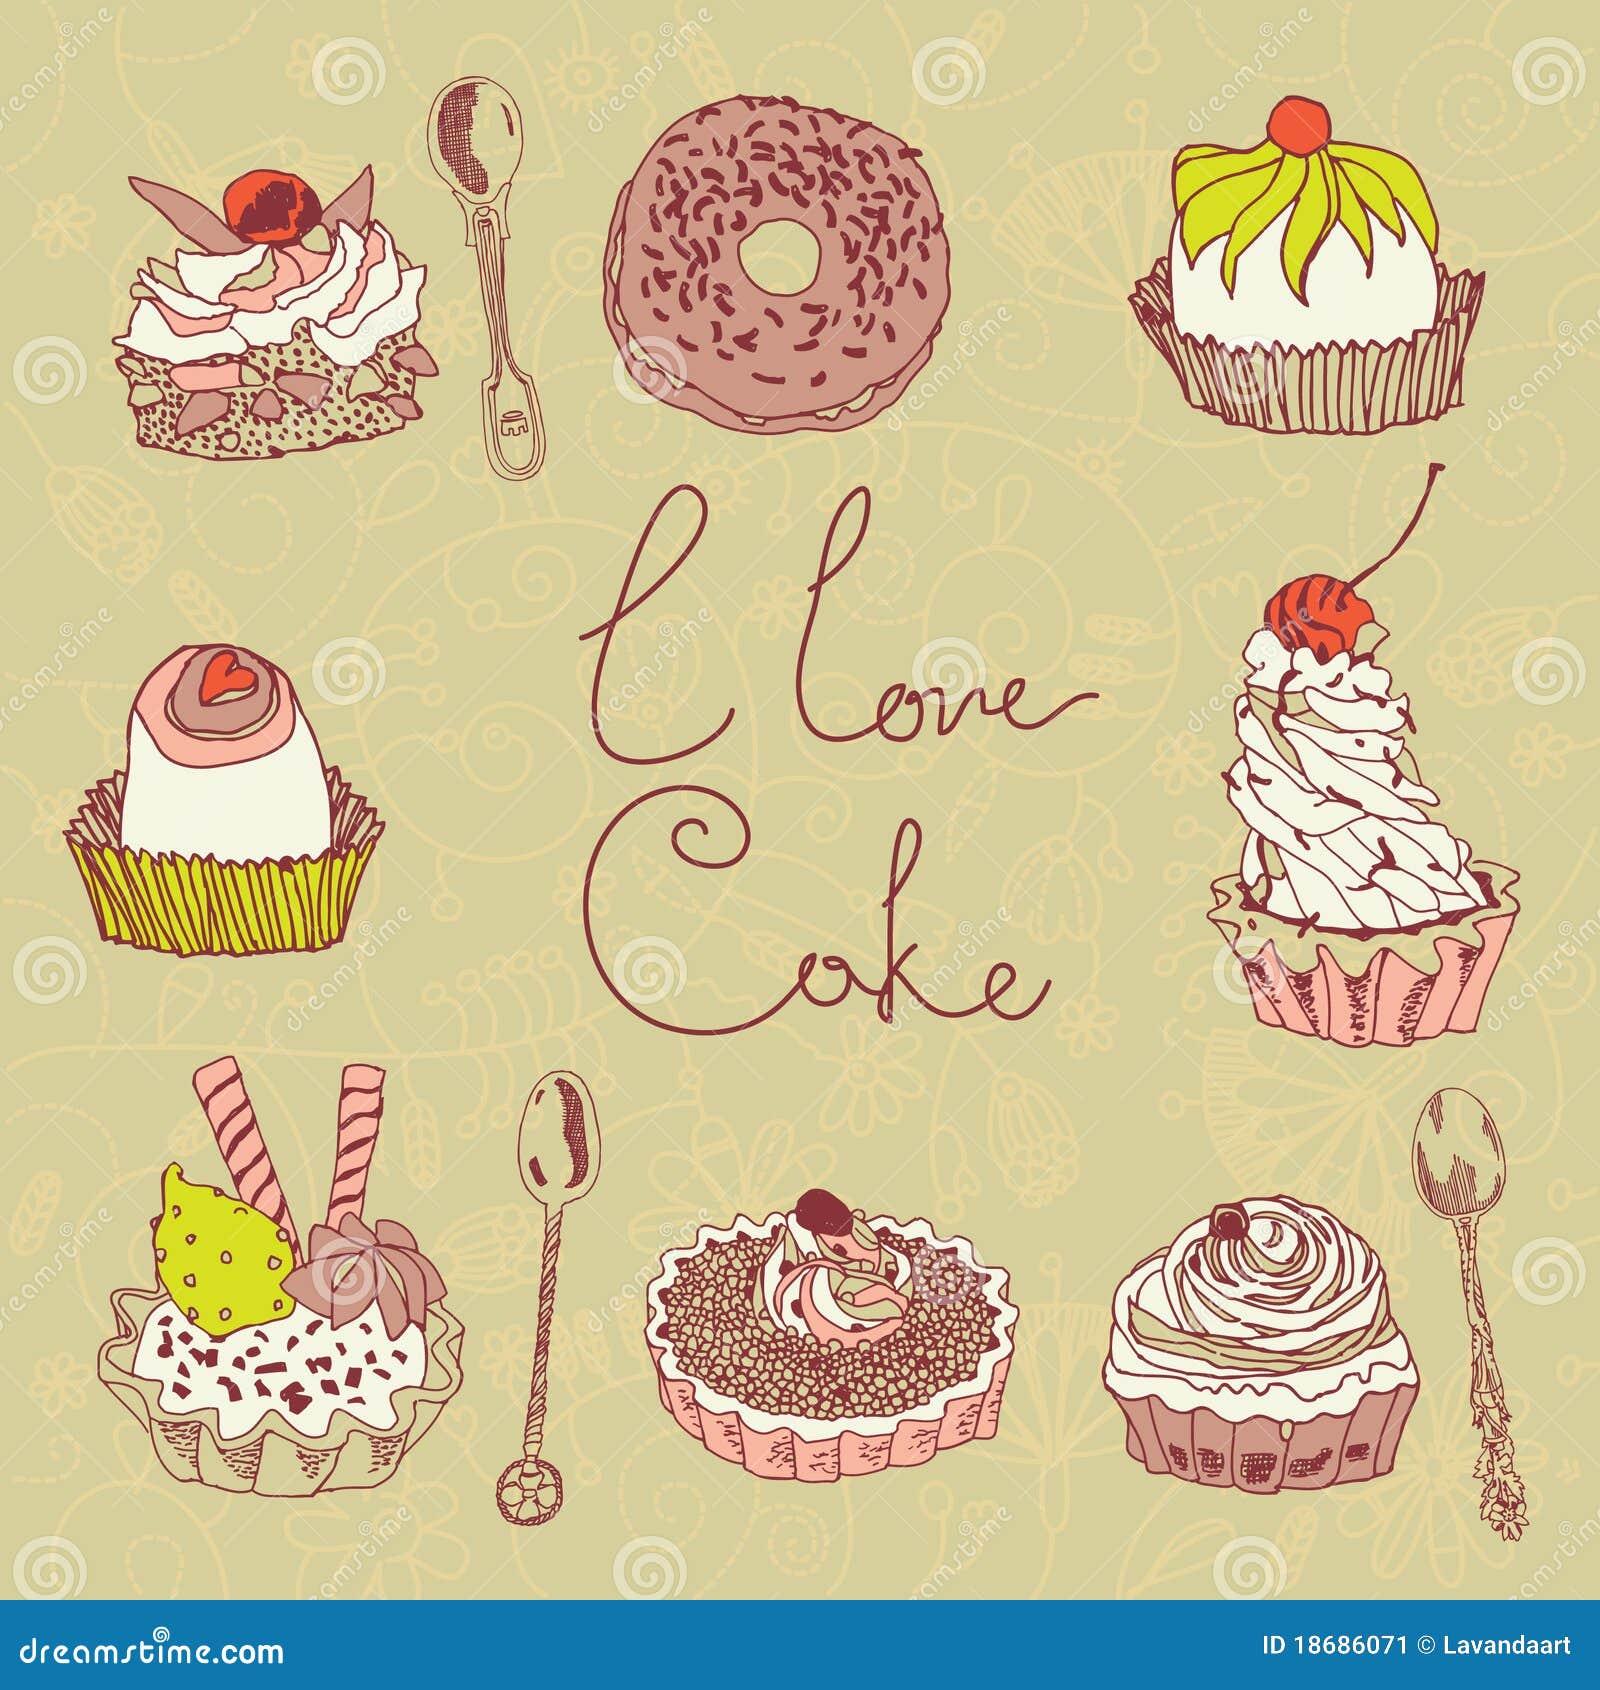 I Love Cake Design Puntate : I Love Cake Background Stock Image - Image: 18686071